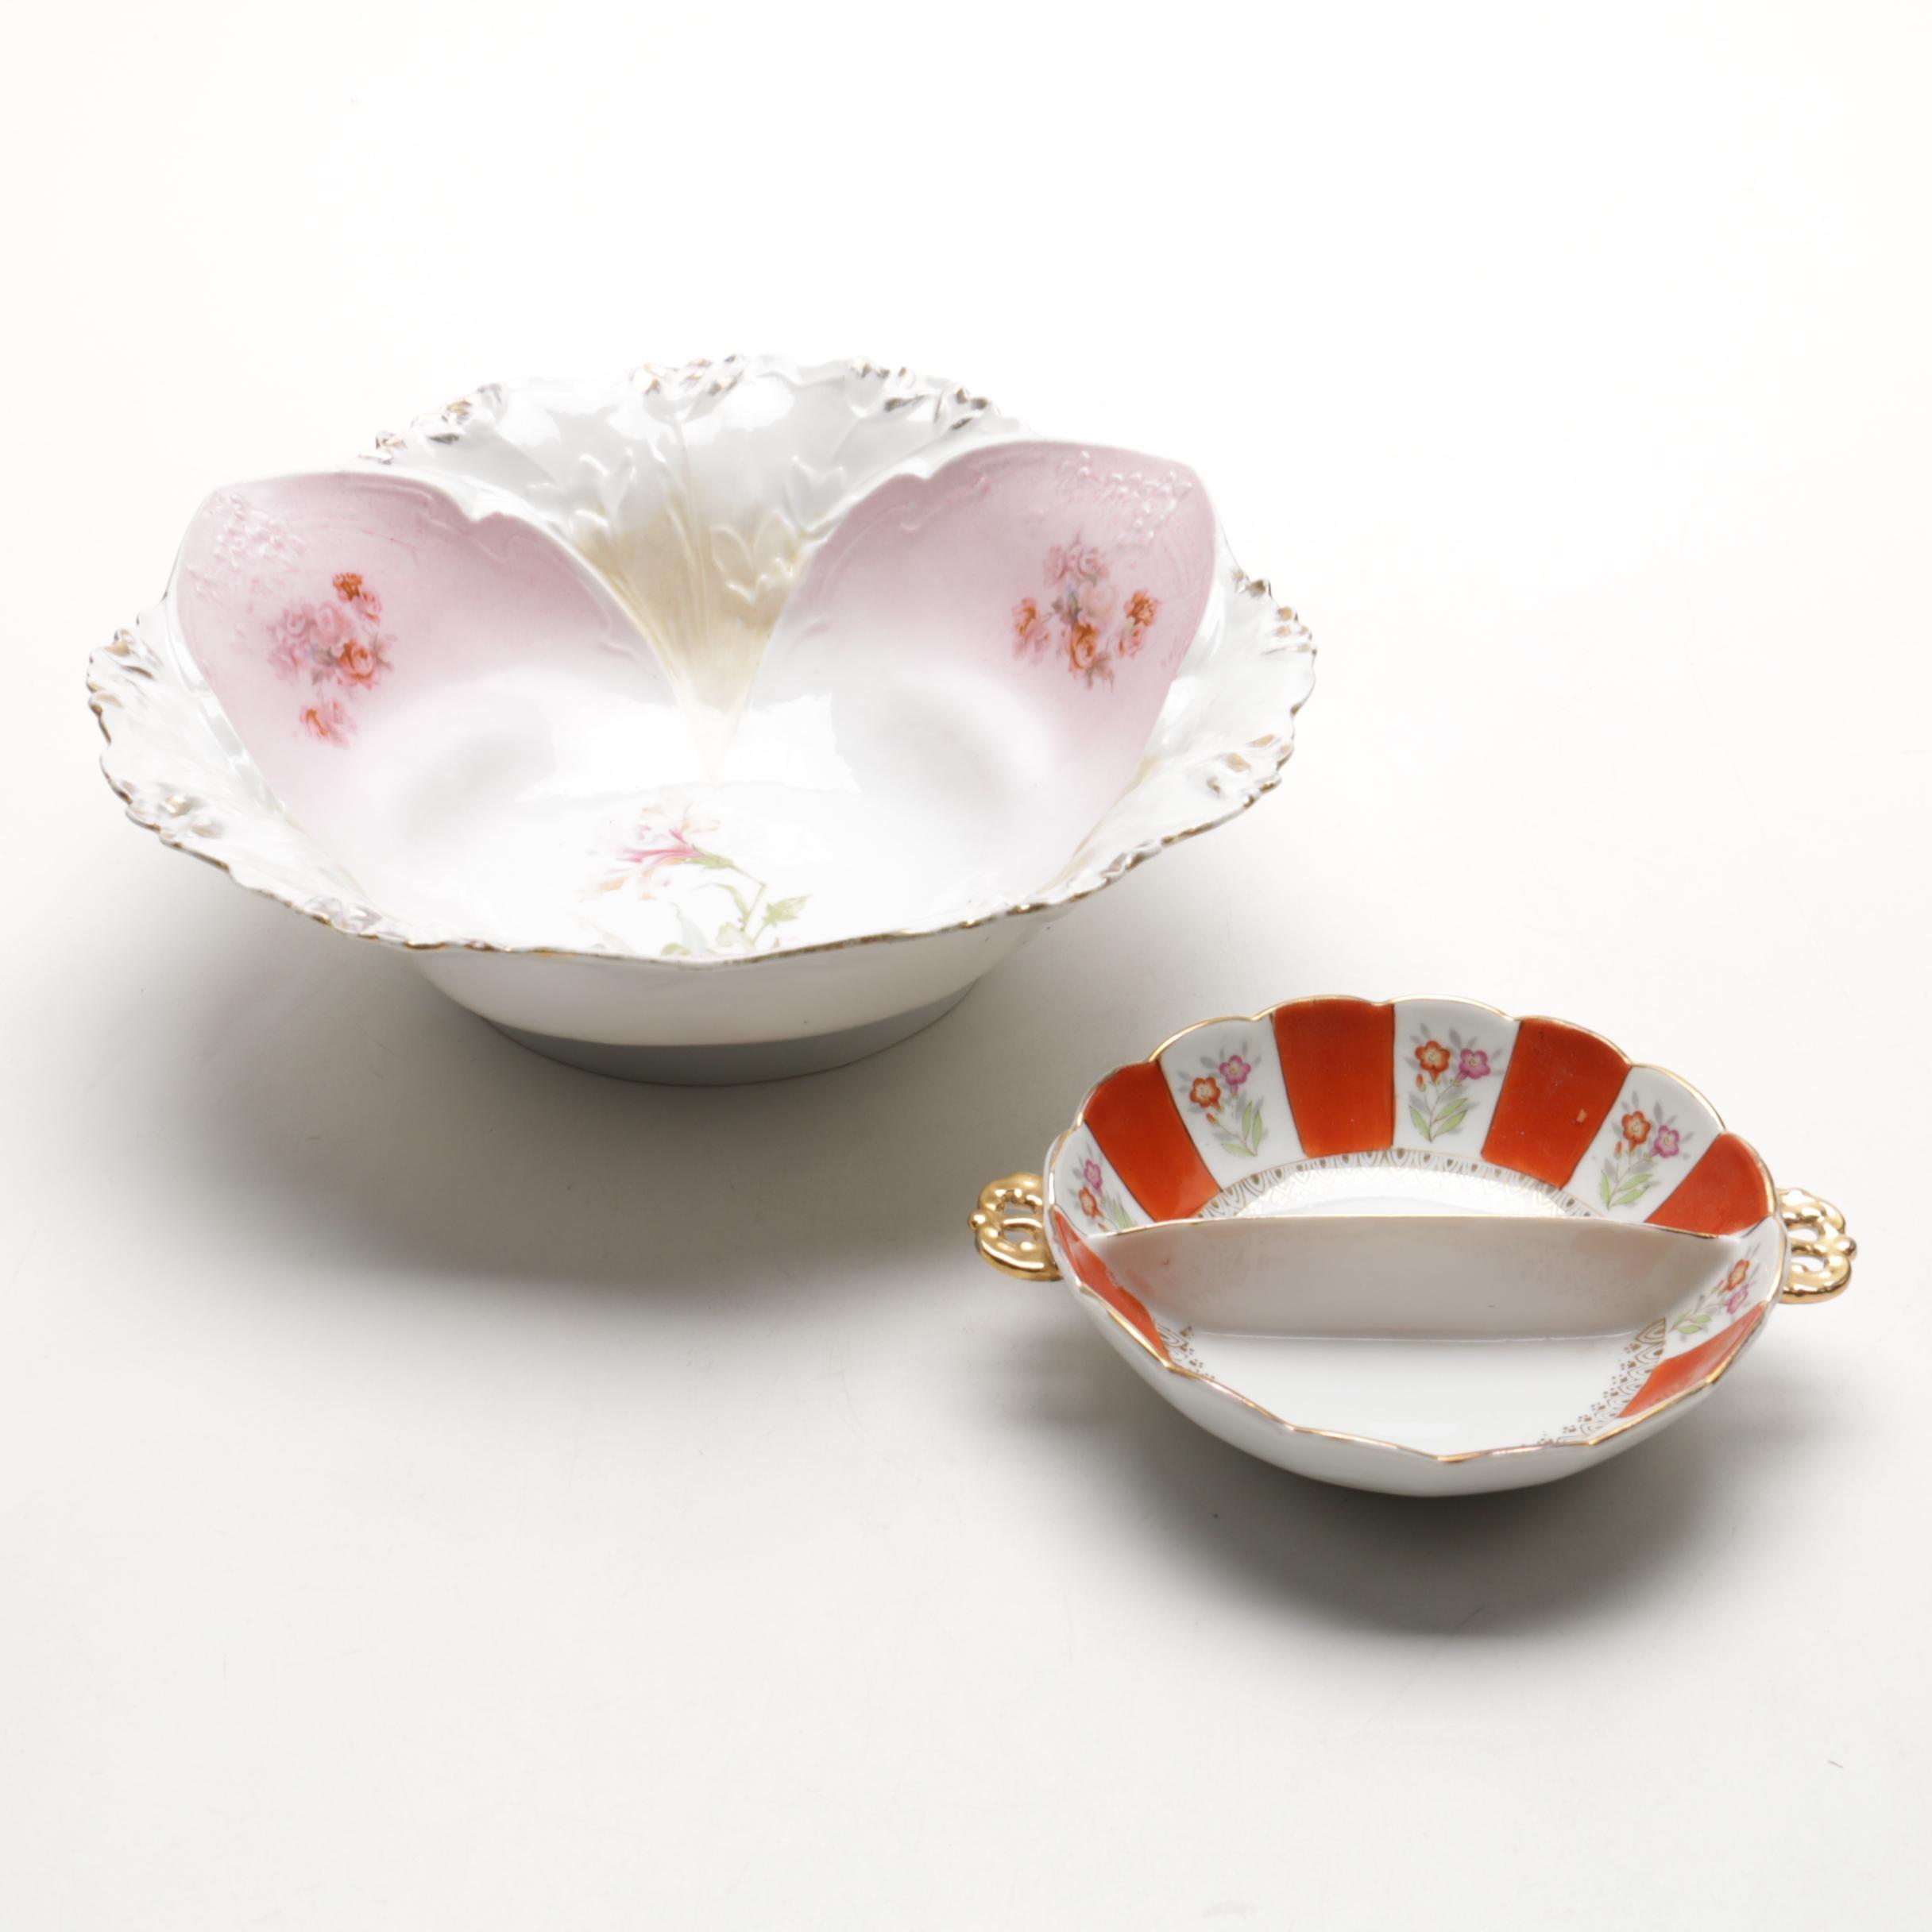 Pairing of Vintage Porcelain Bowls